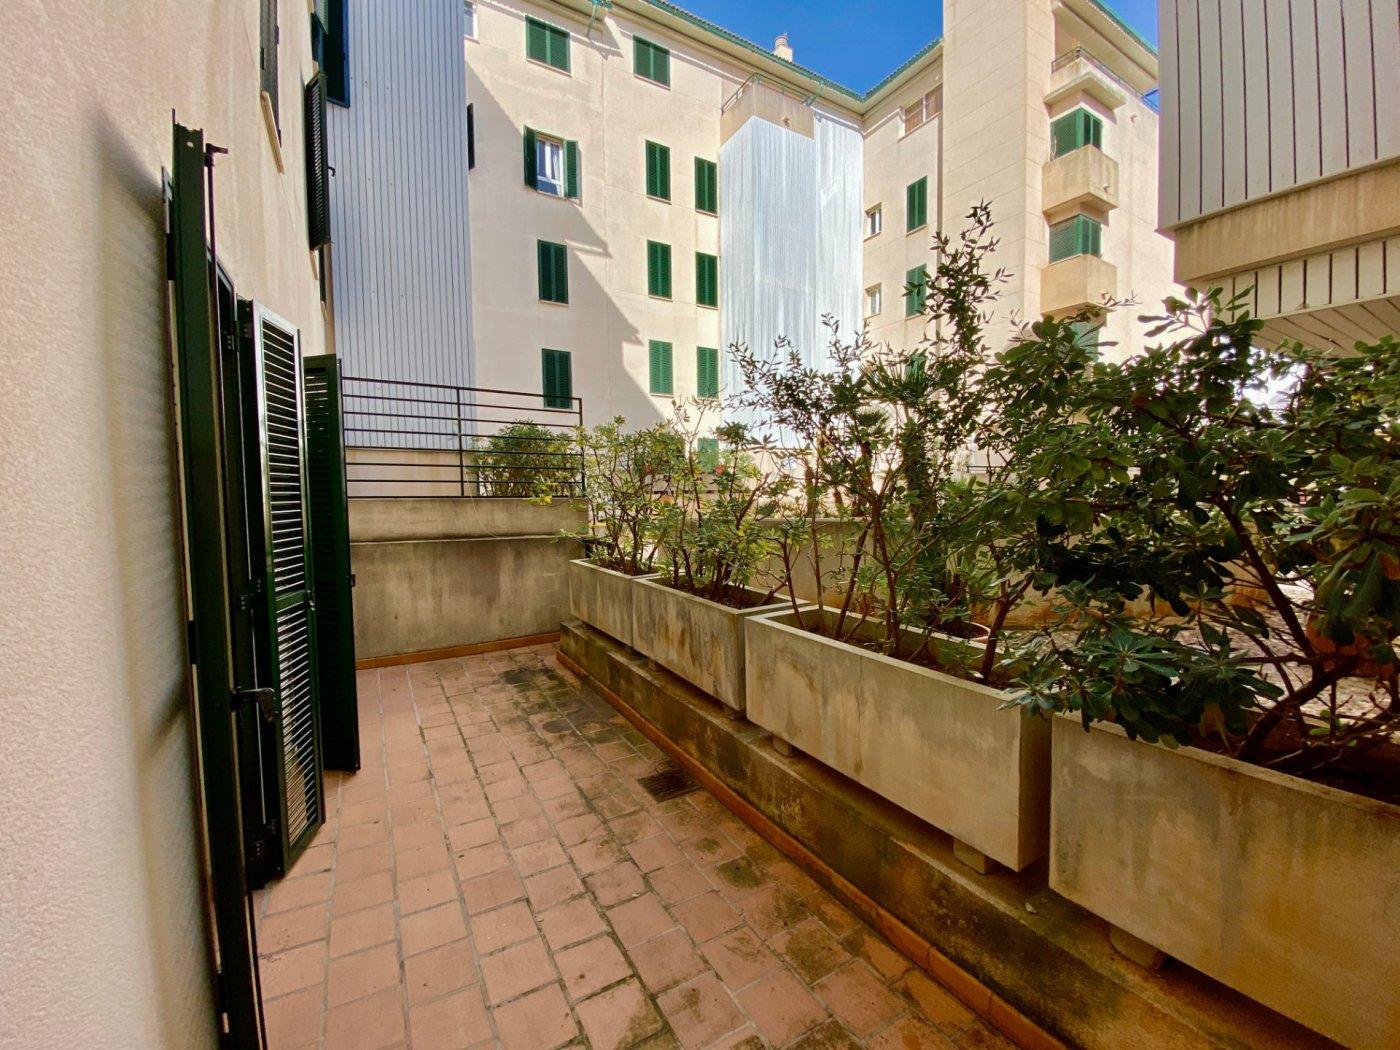 Céntrica planta baja con dos terrazas y plaza de parking - imagenInmueble2